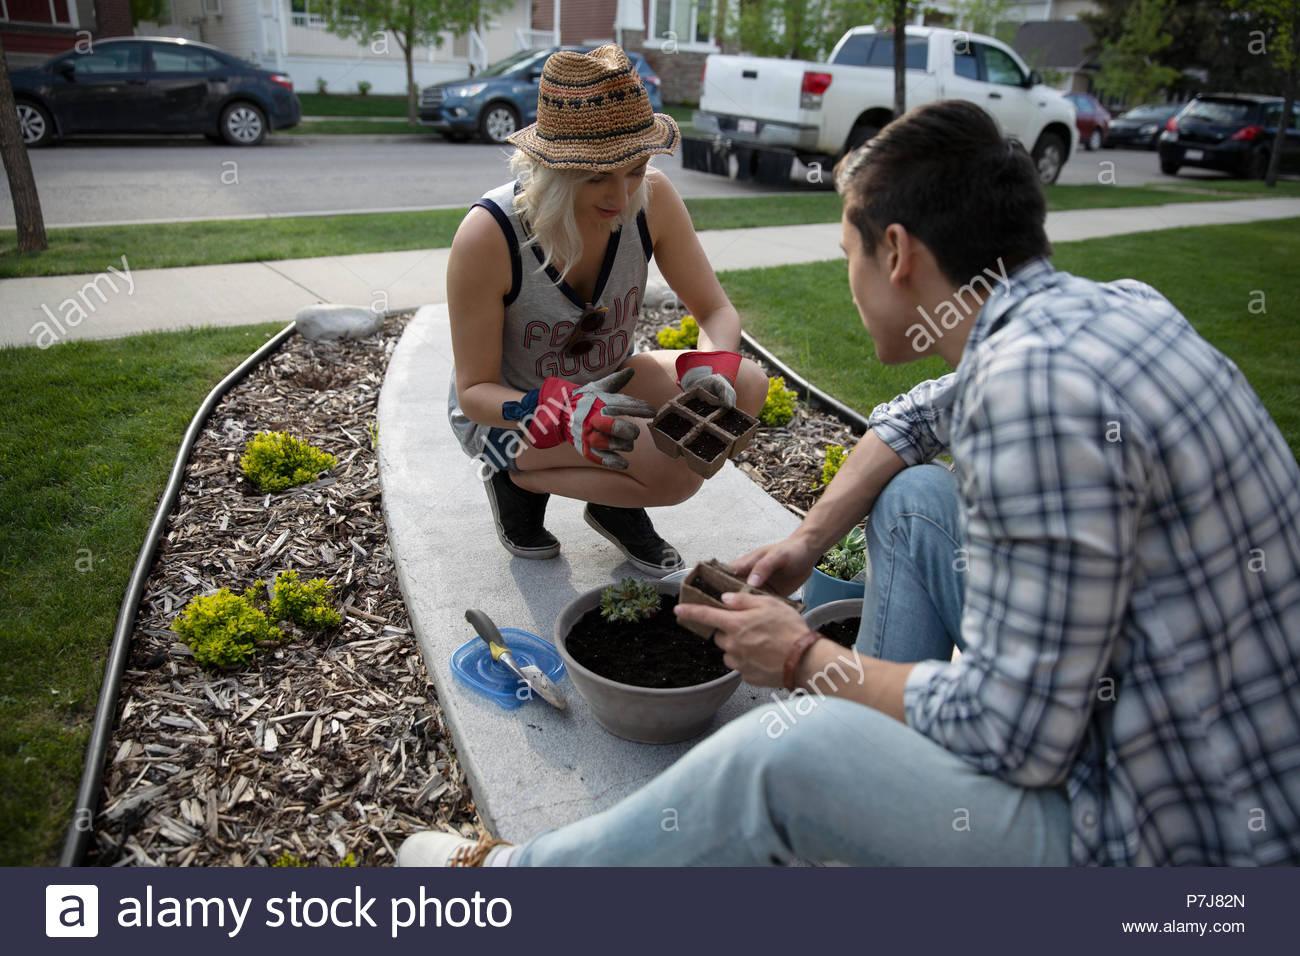 Coppia giovane piantare fiori nel cortile anteriore Immagini Stock